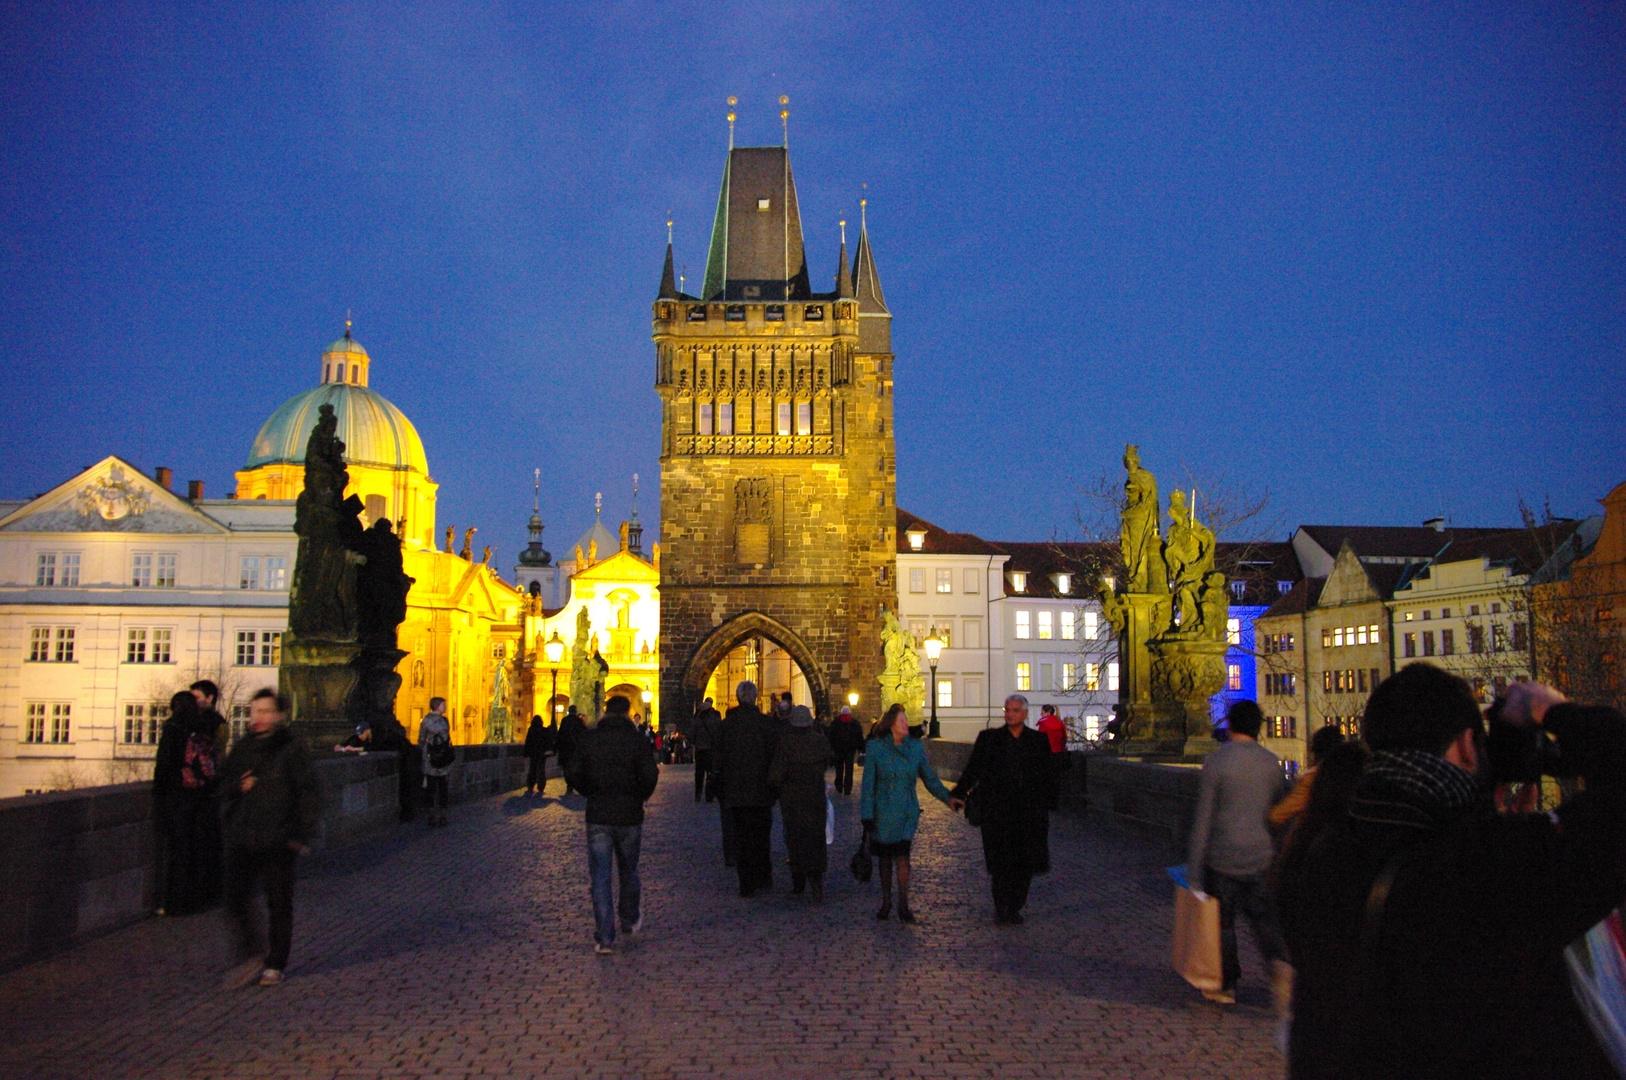 Prag 006 - Rundgang bei Anbruch der Nacht